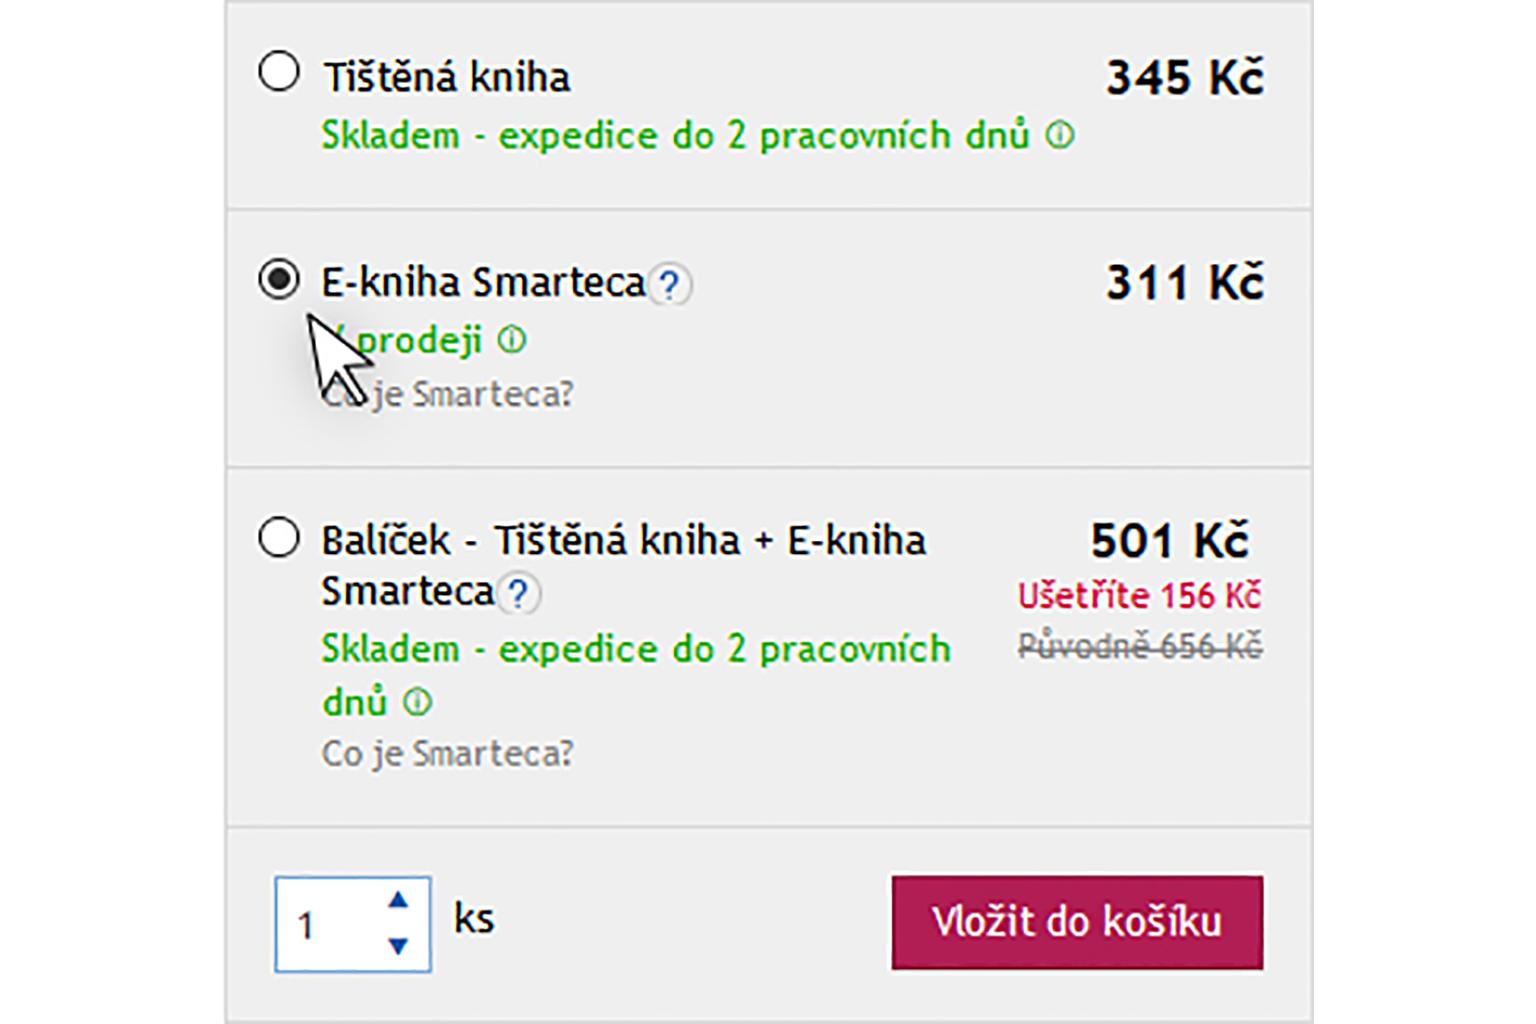 smarteca-ebook-journey-screenshot